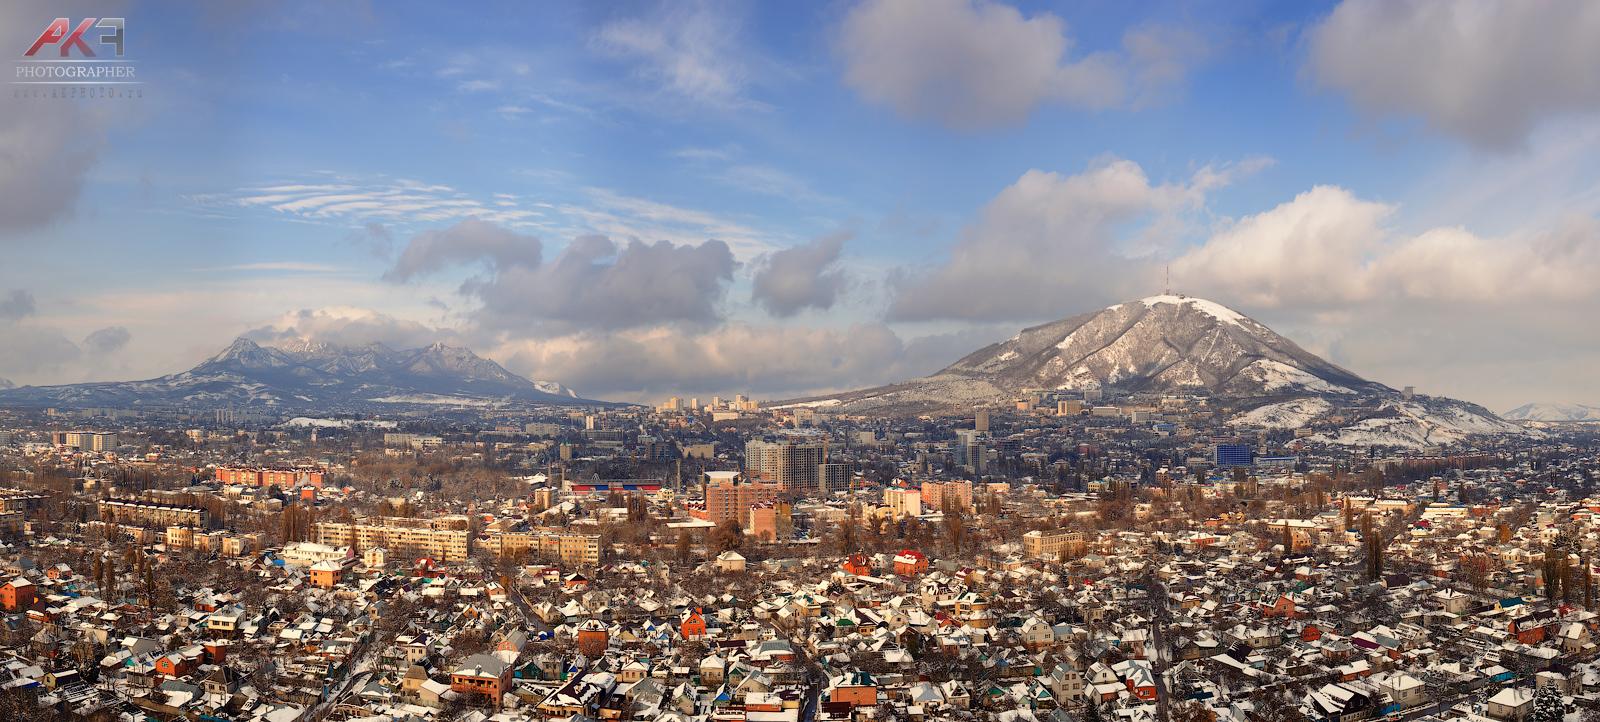 Знакомство город пятигорск 5 фотография